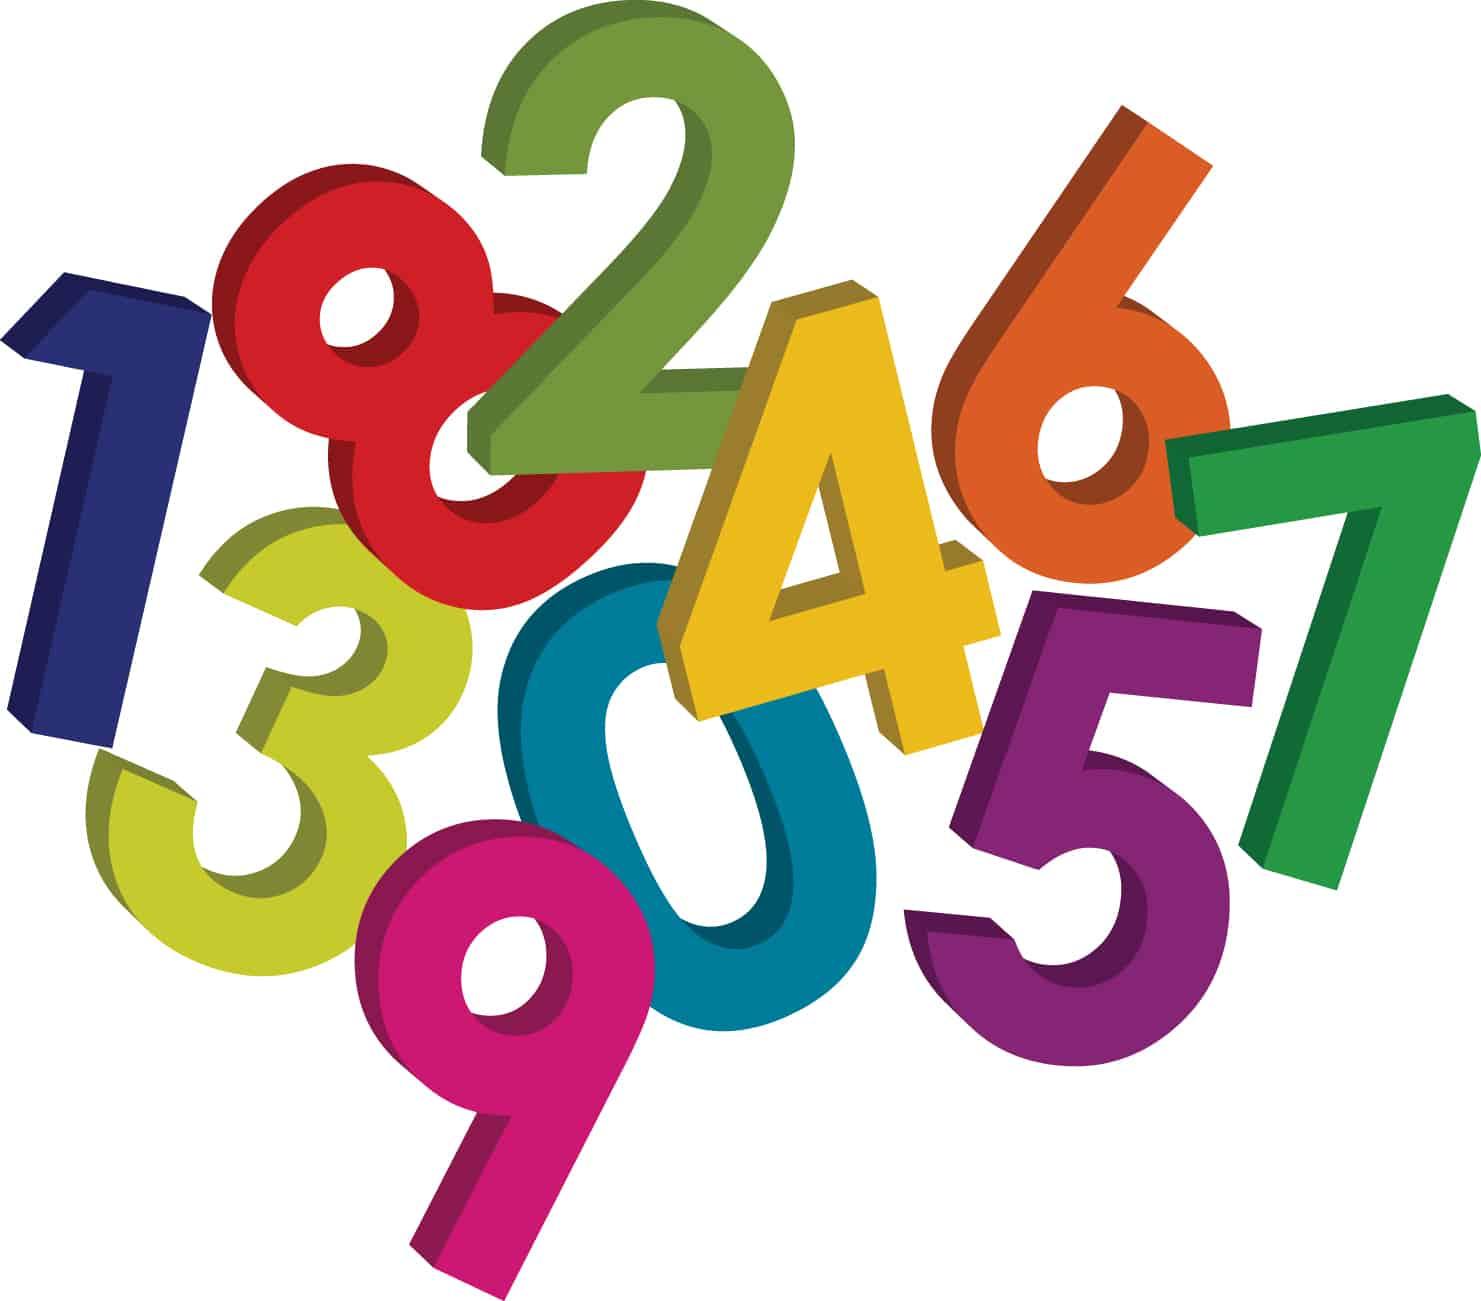 ما هي اصل الارقام العربية والانجليزية